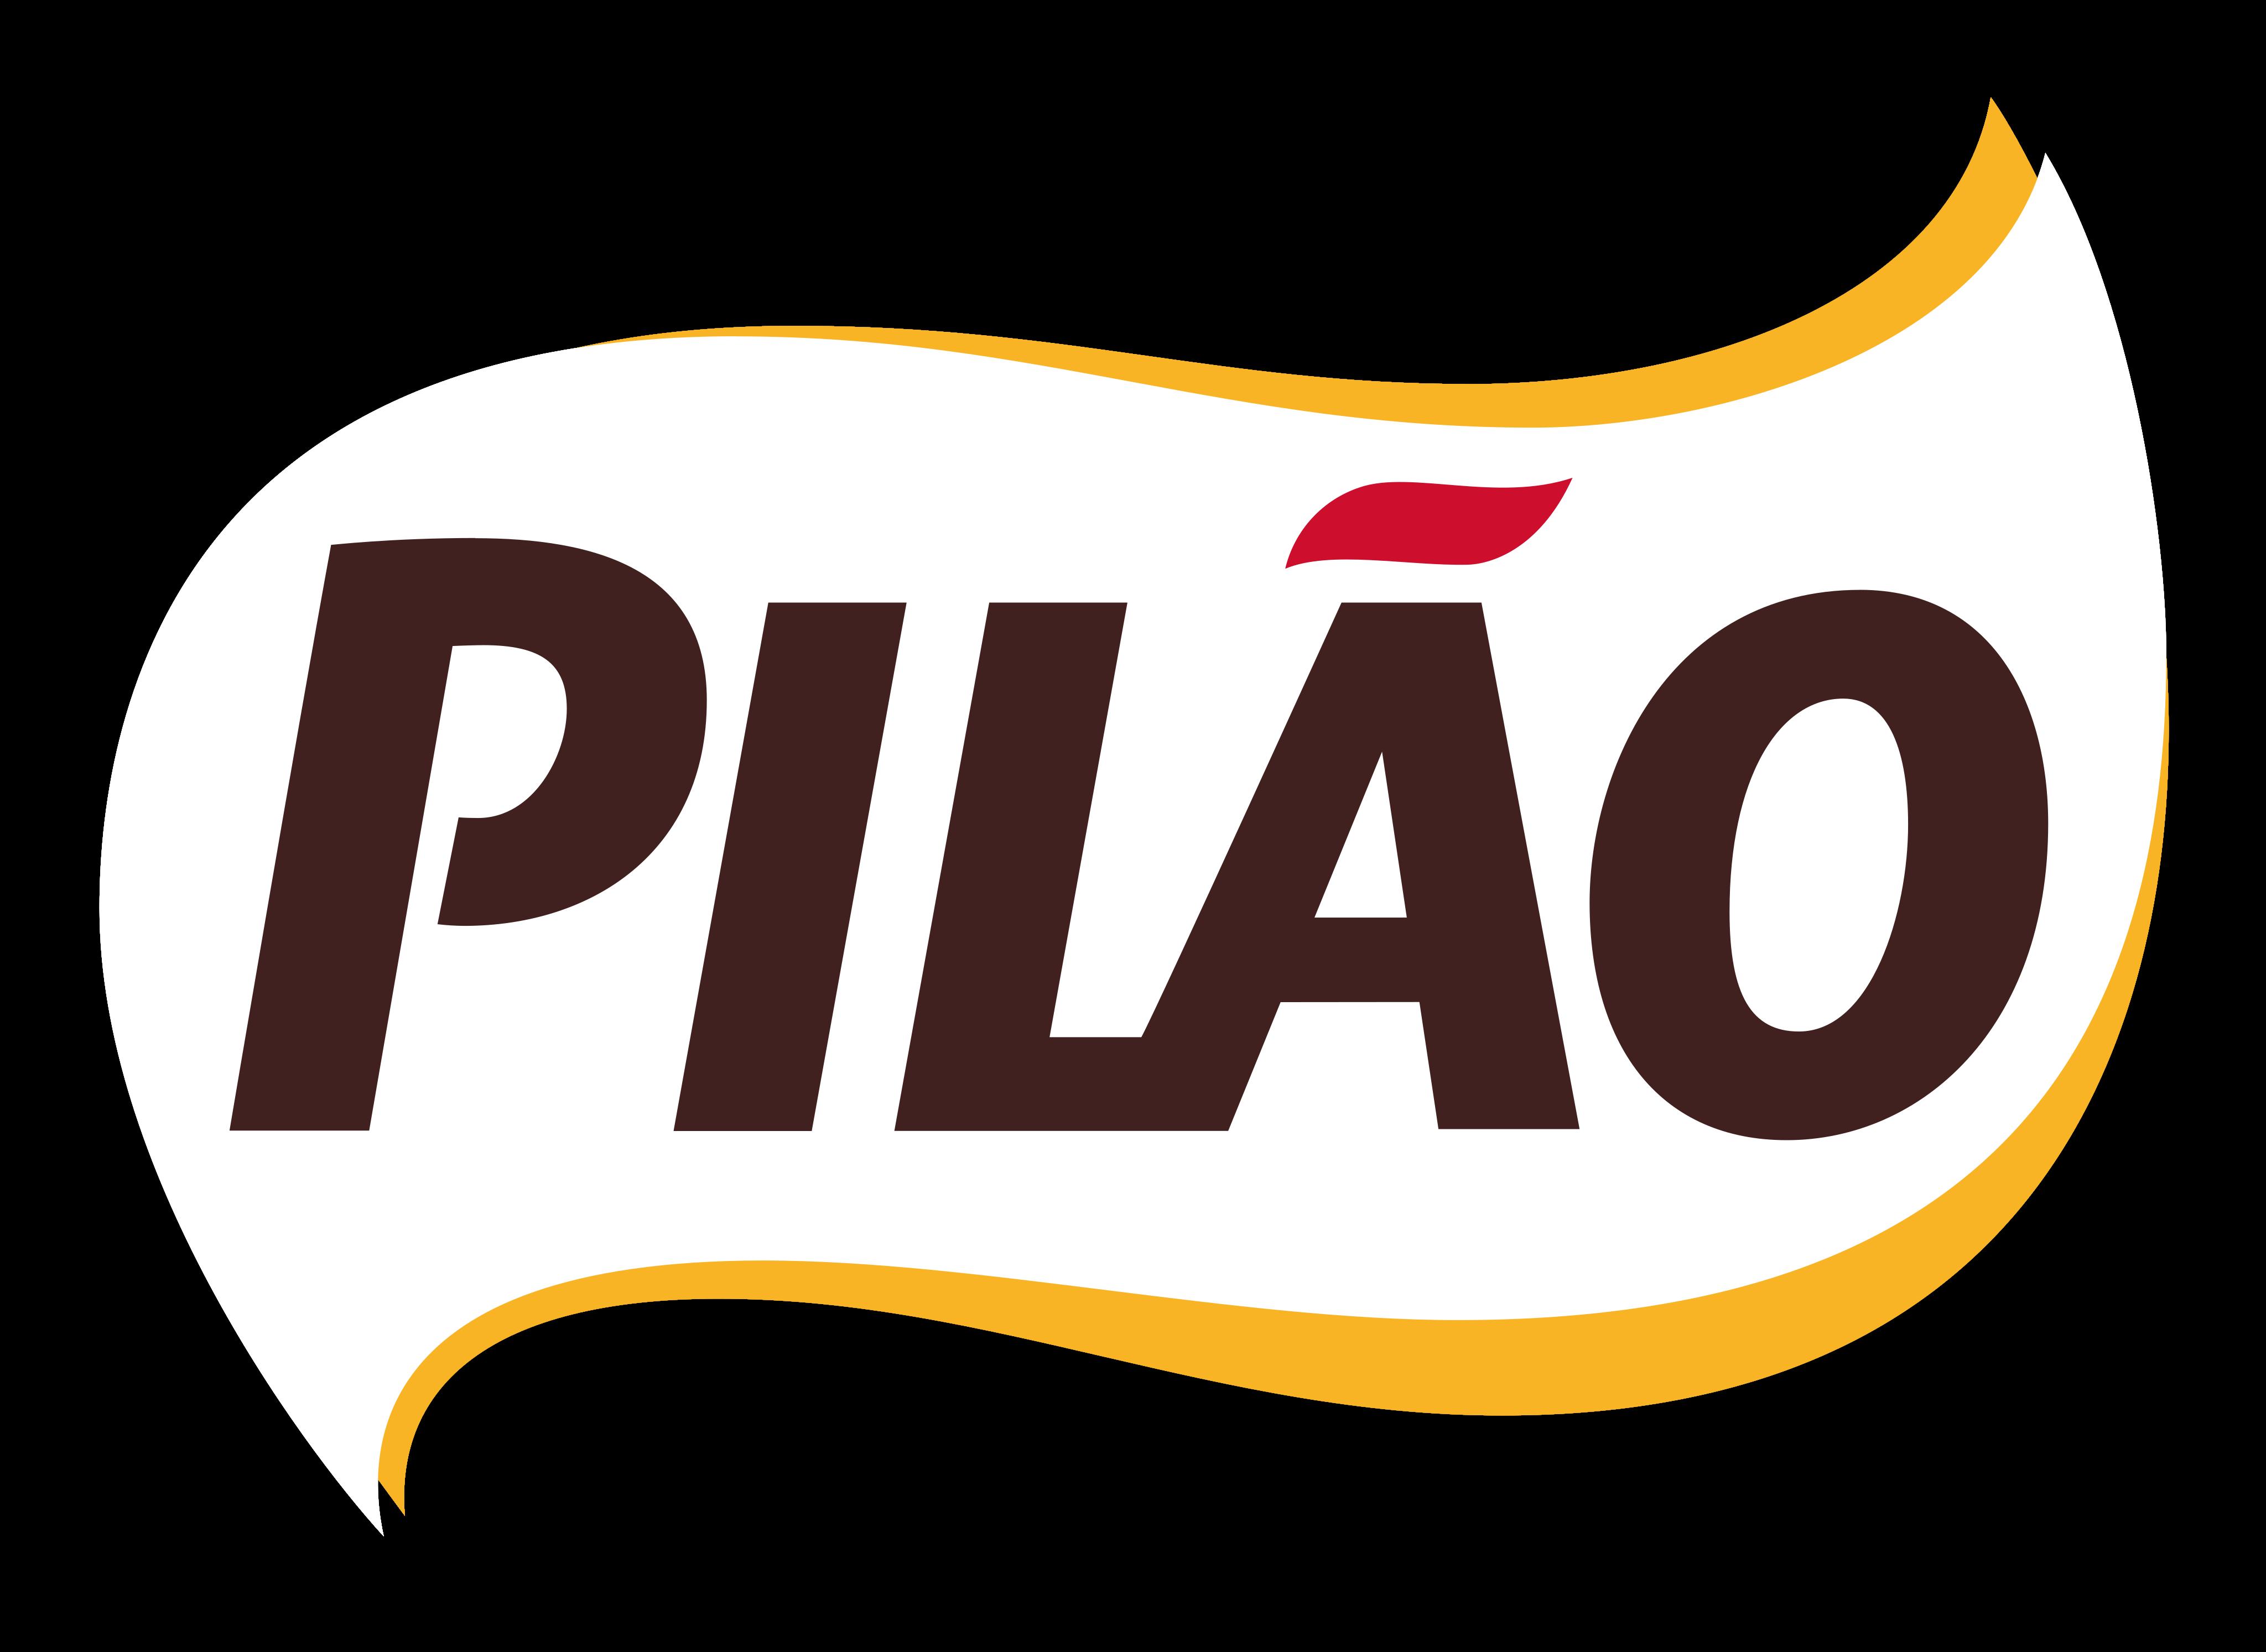 pilao logo 1 - Pilão Logo